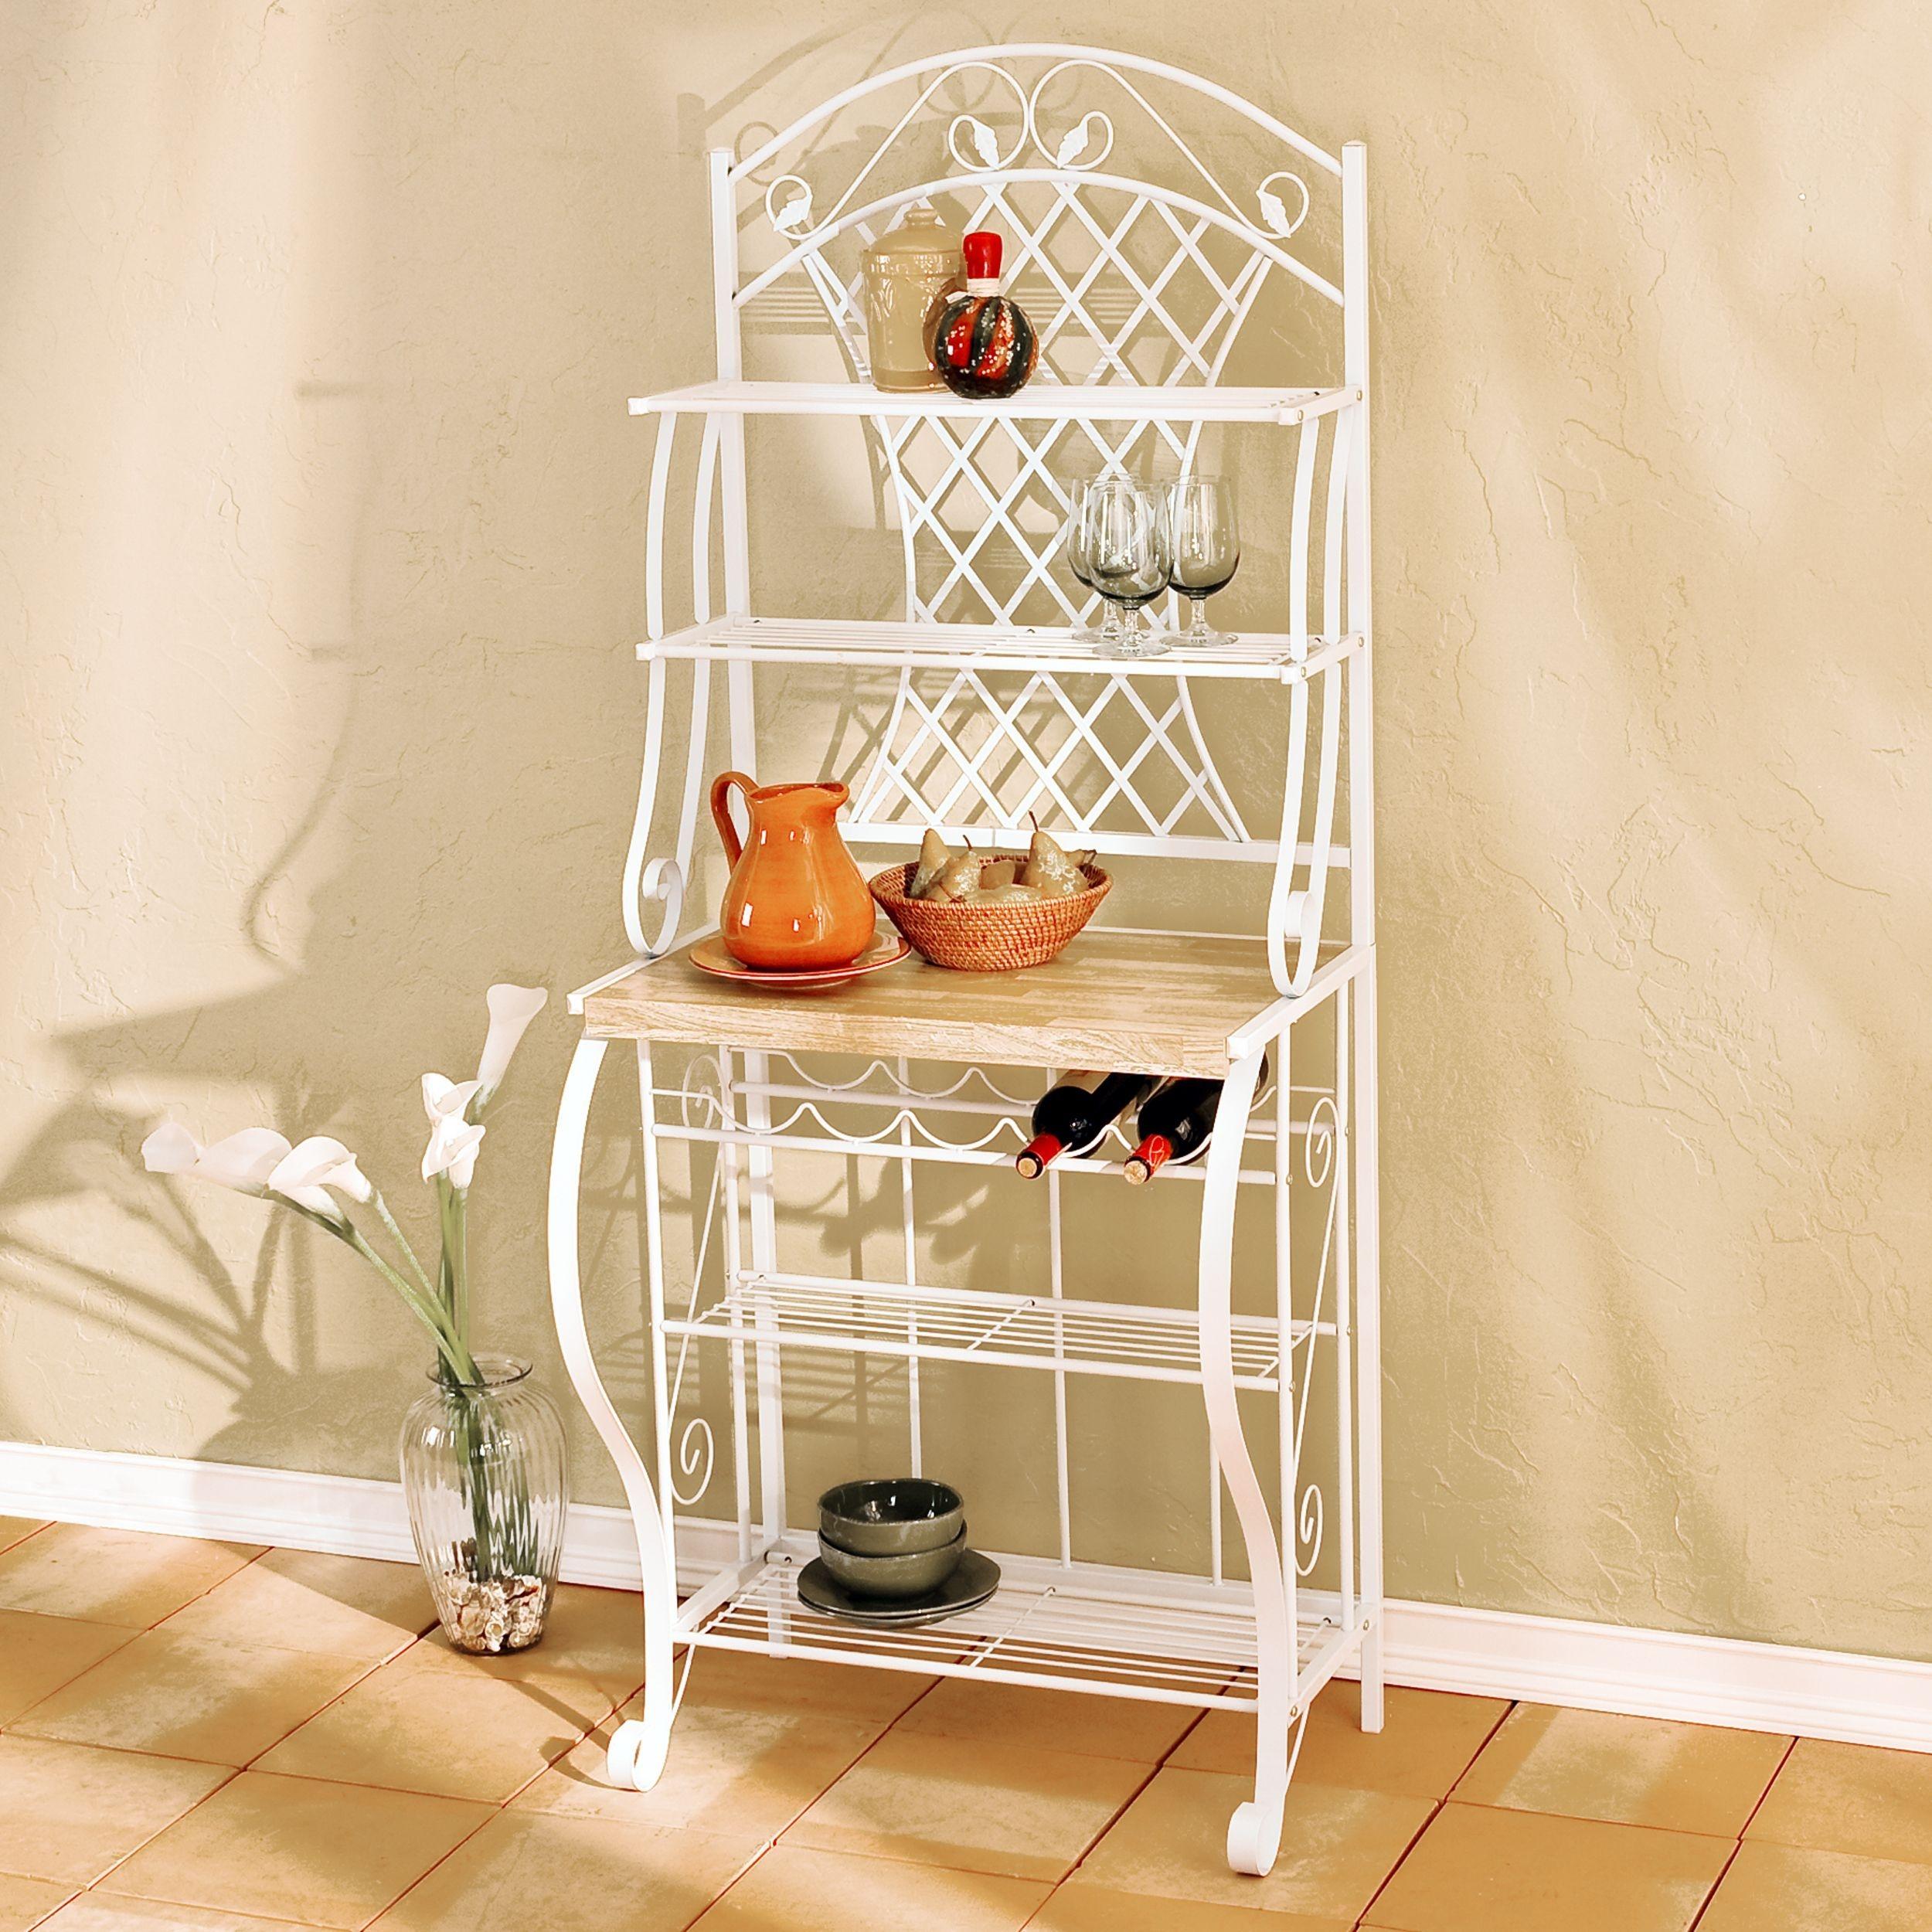 bakers rack shelves ideas on foter